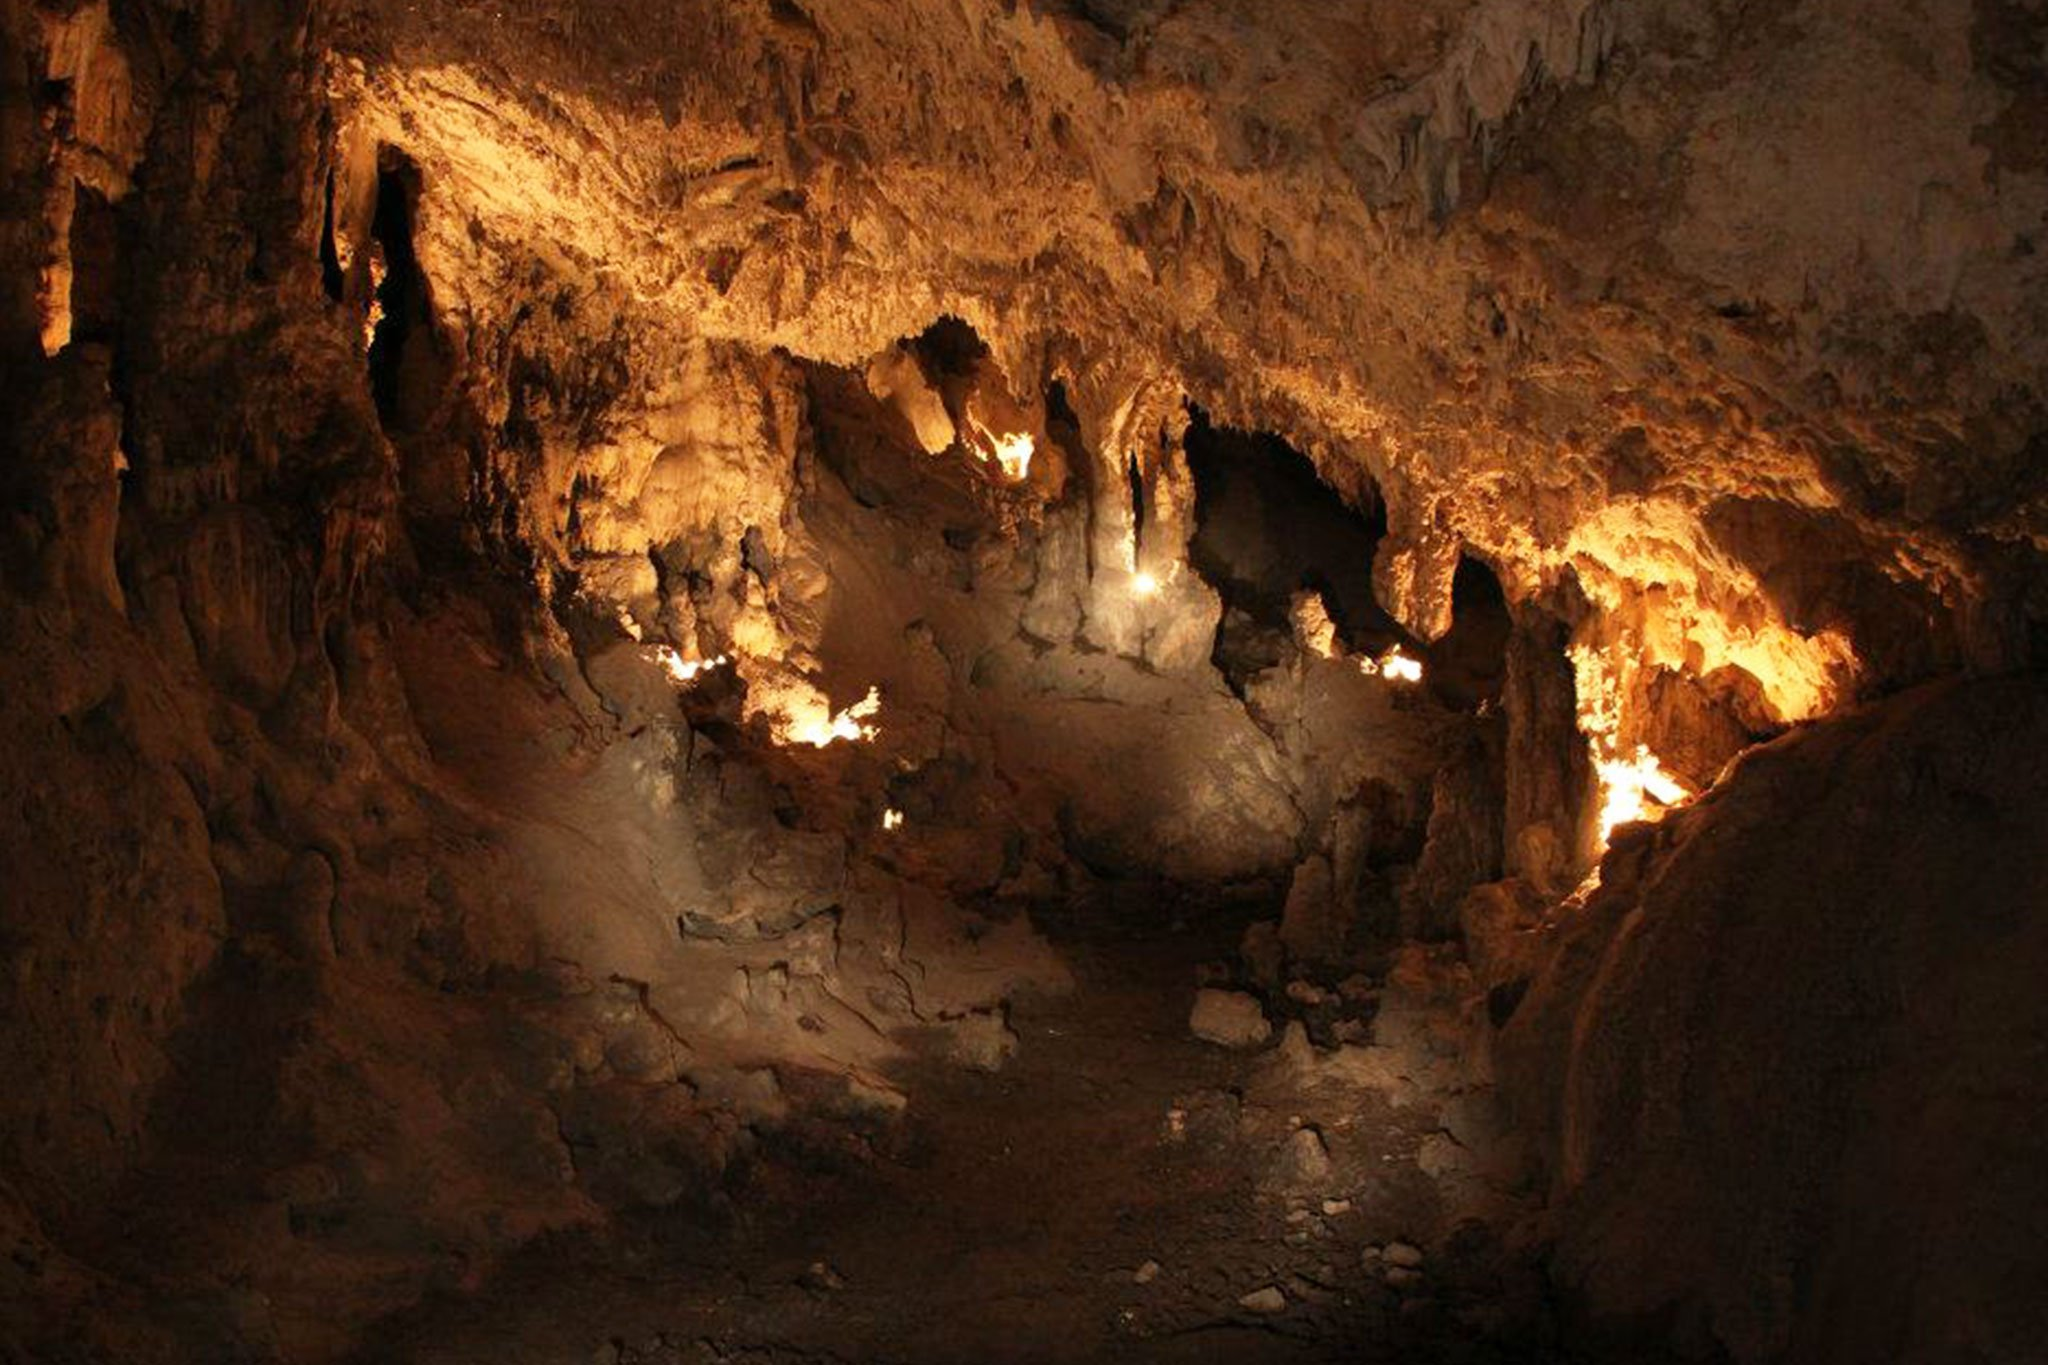 Sala en el interior de la Cova del Montgó (Imagen: Miguel Ángel Mayans)